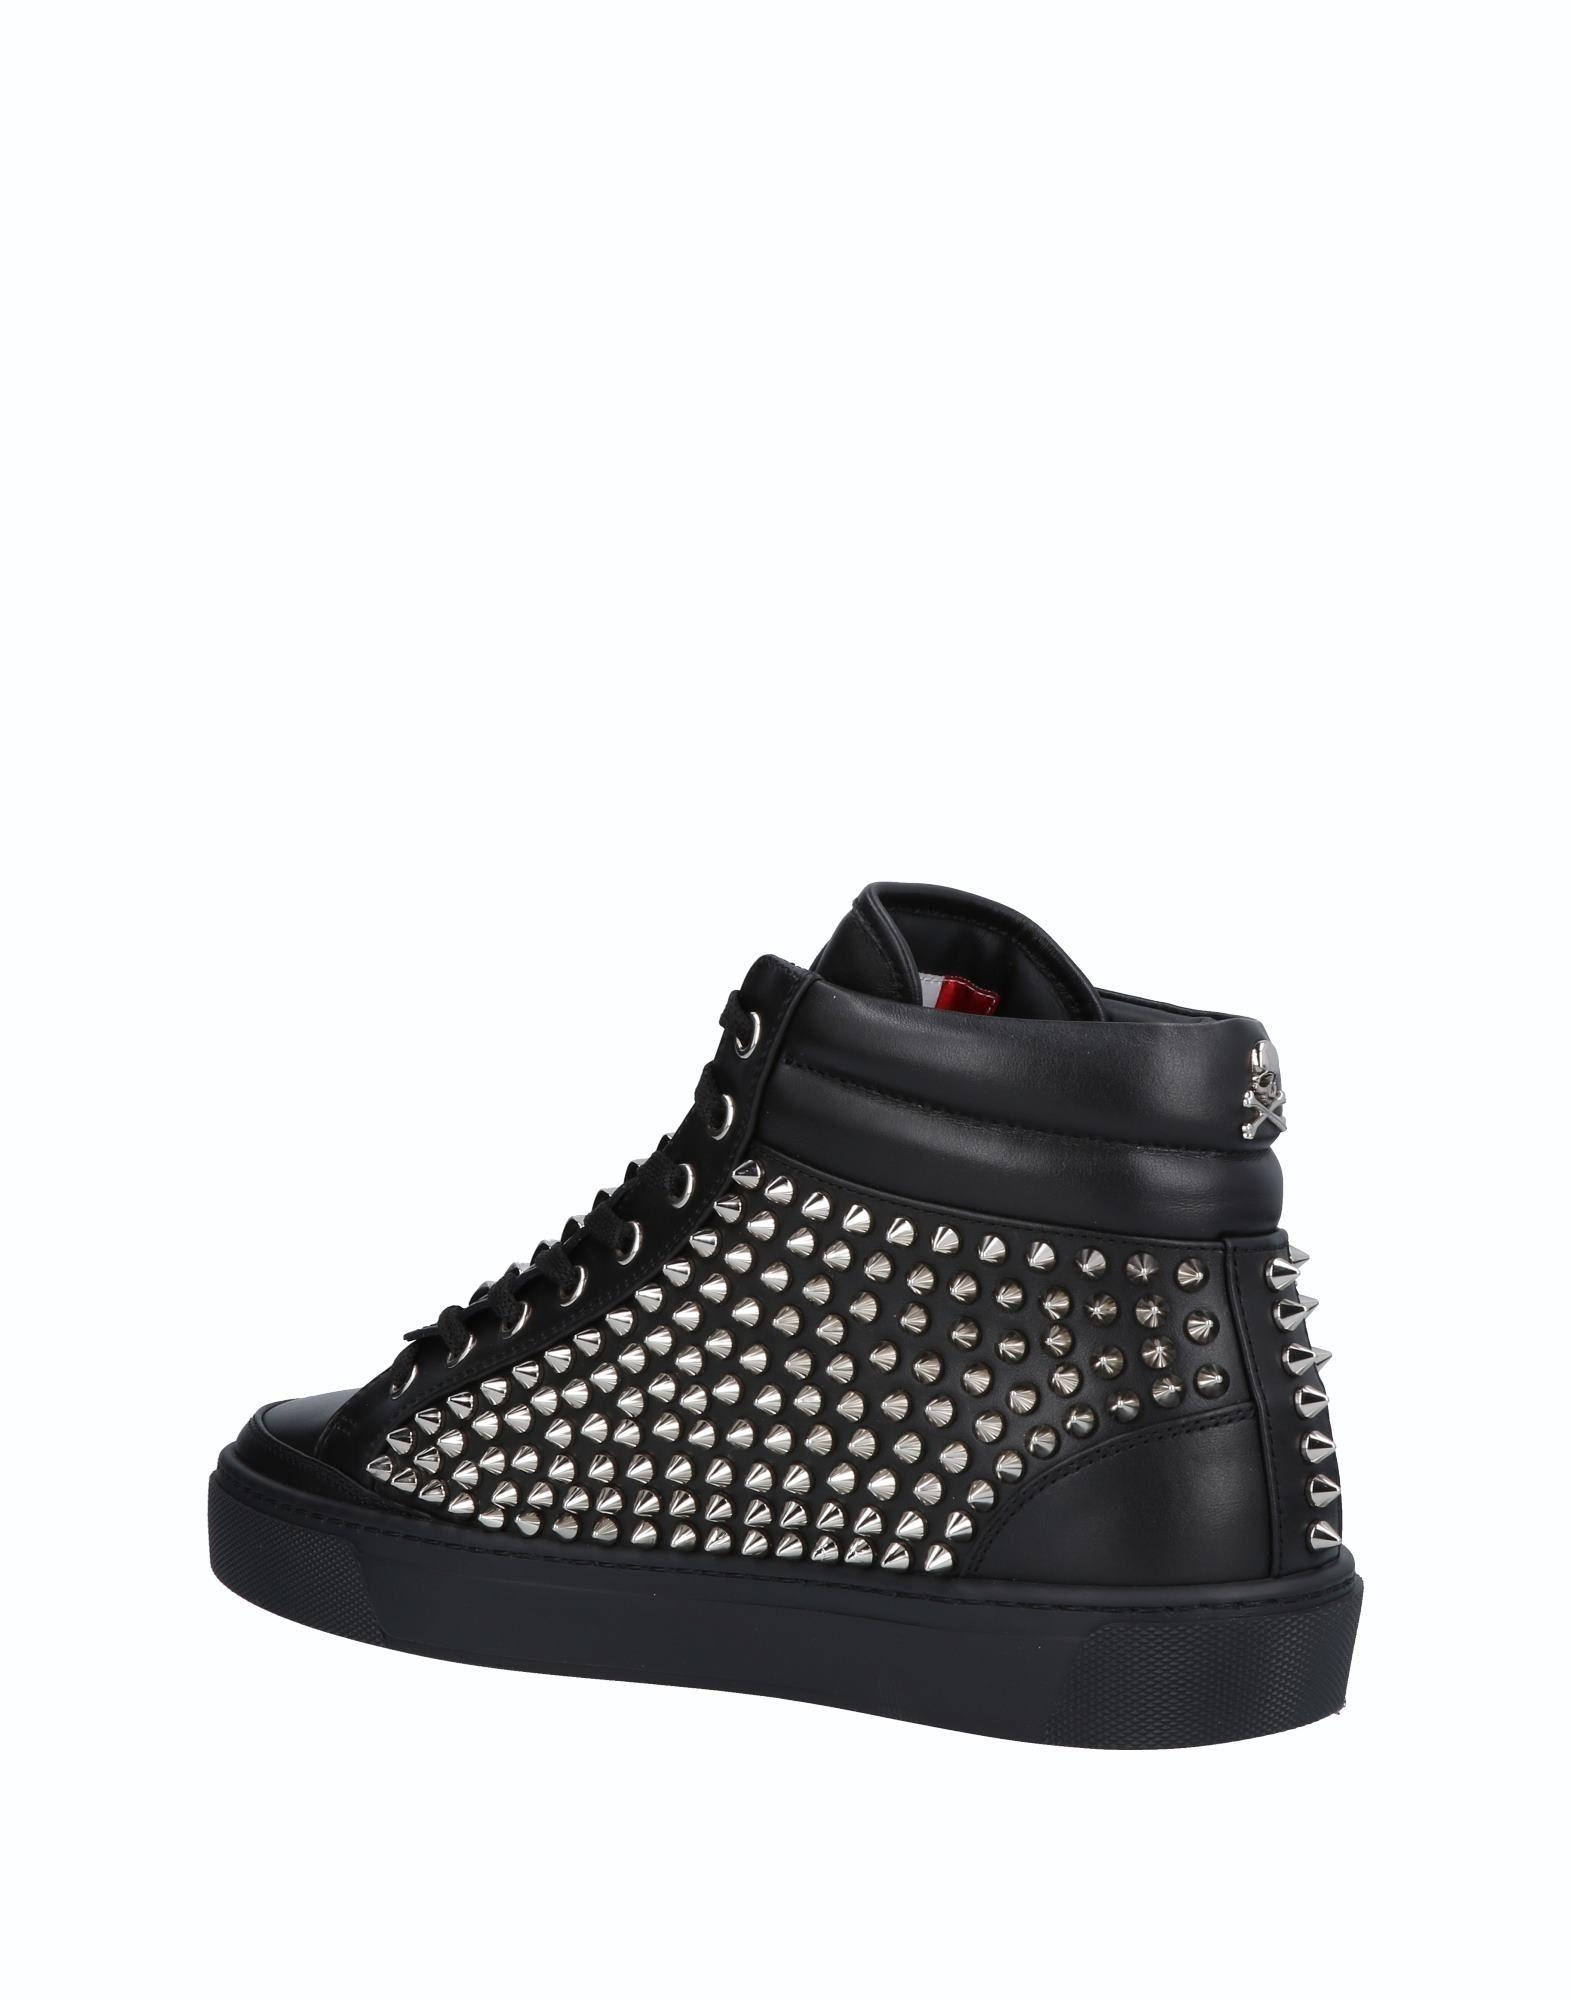 Philipp Plein Sneakers Herren Herren Sneakers  11465421MM 0fb99e